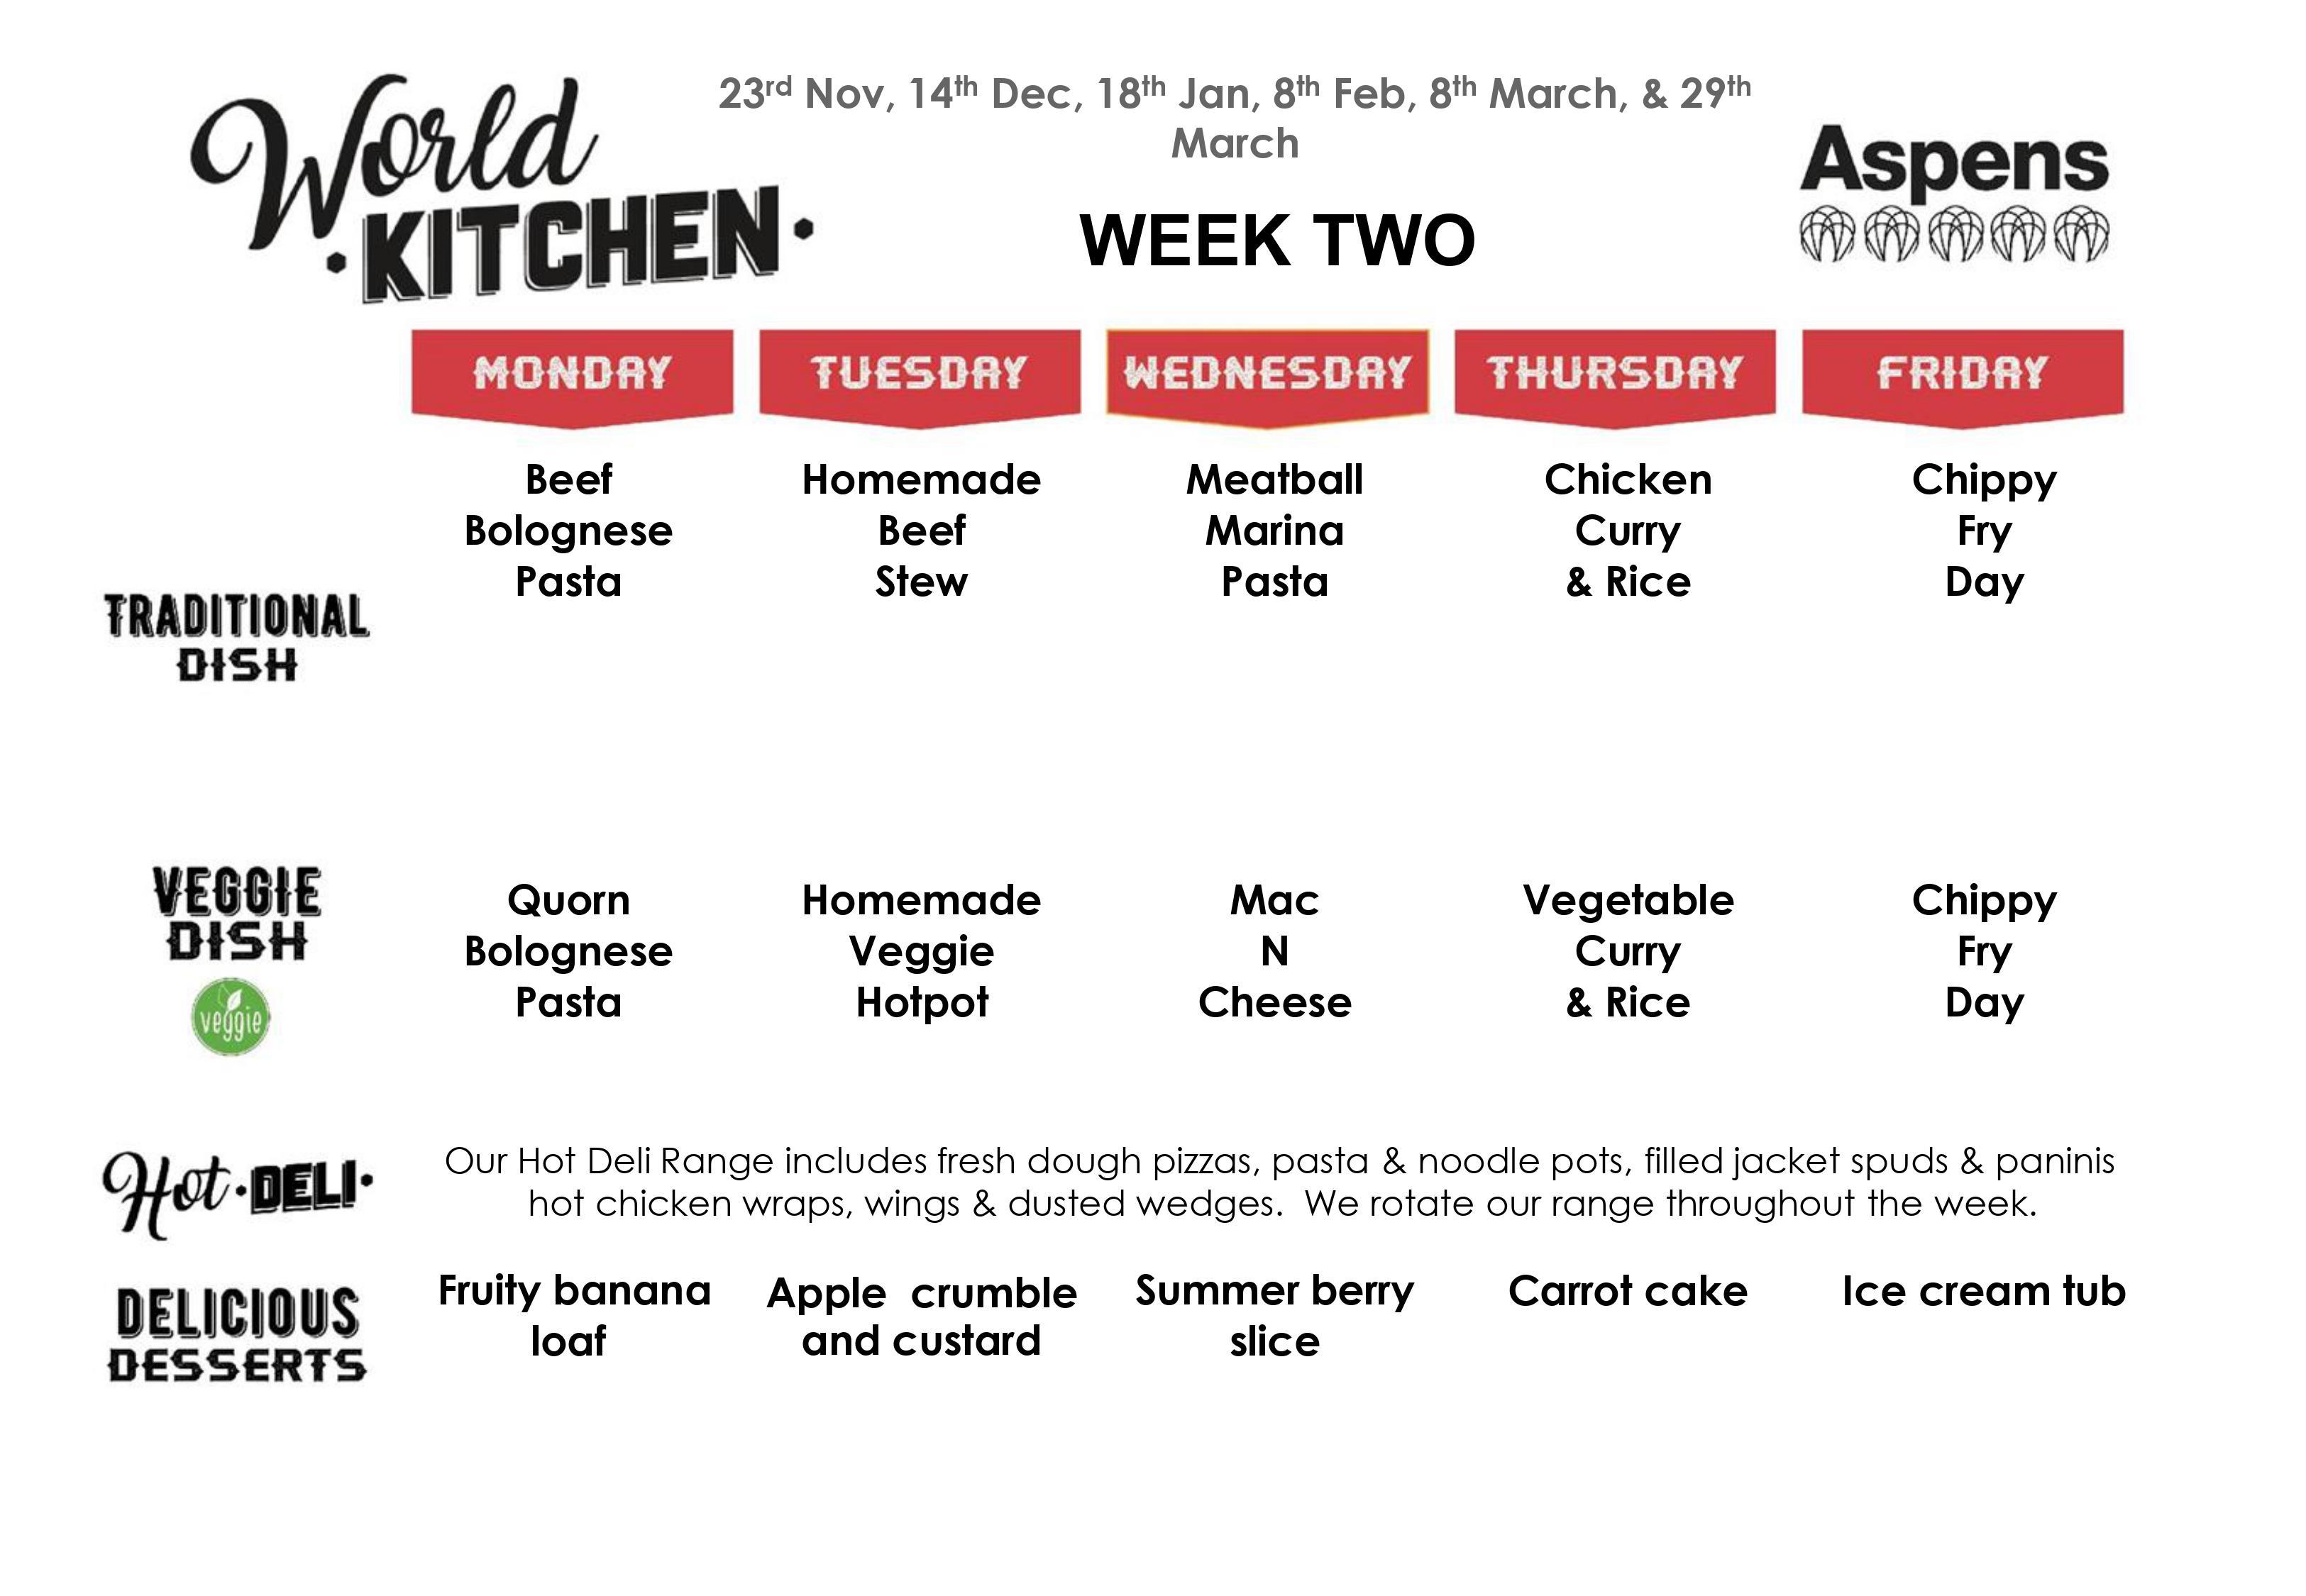 Week 2 menu